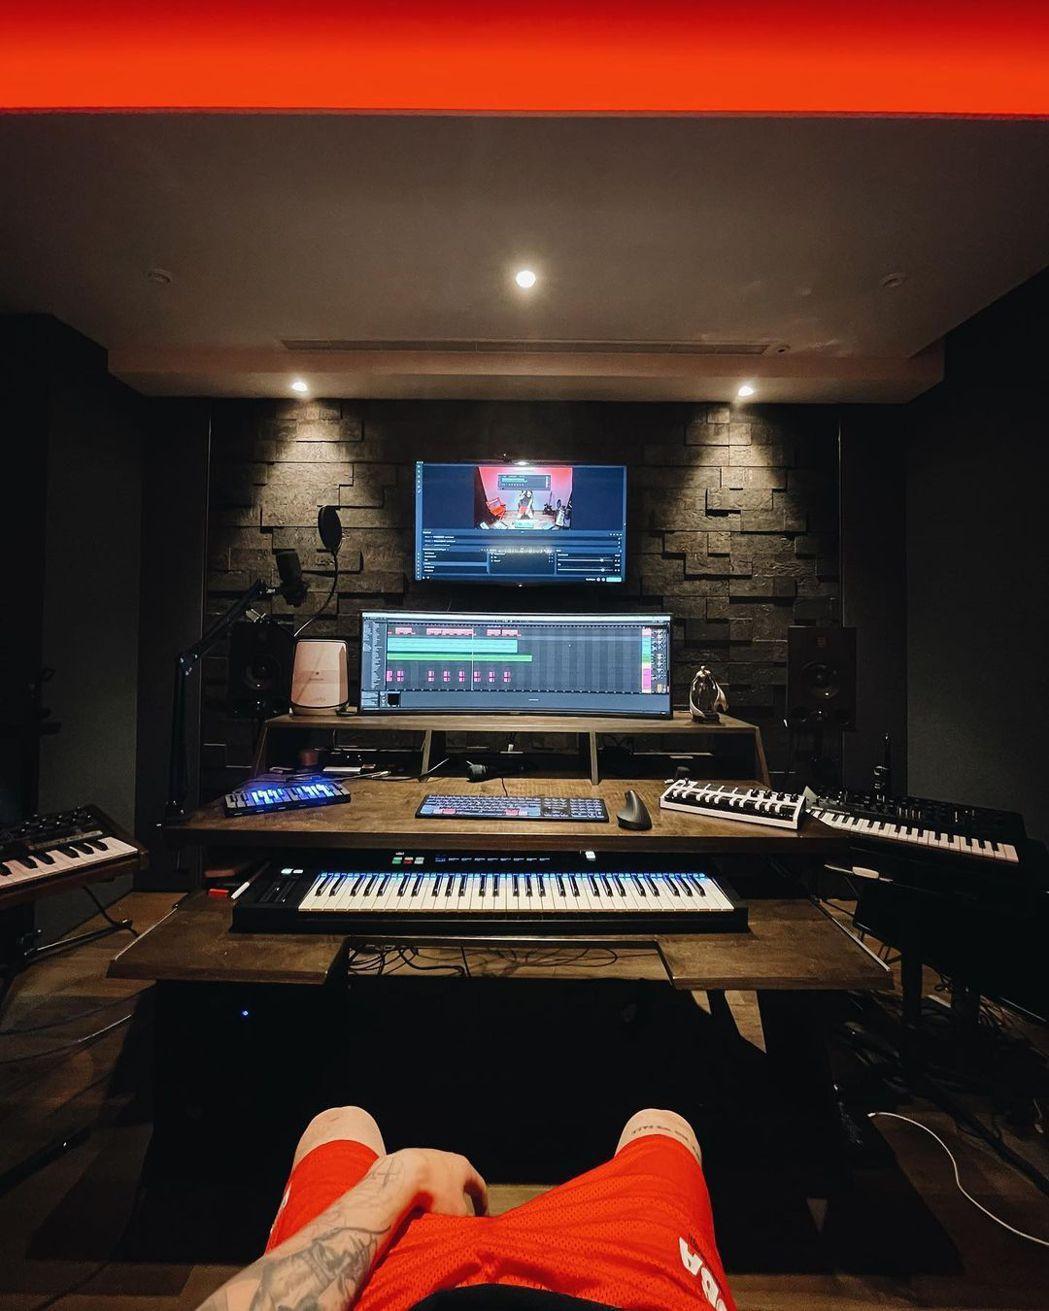 ØZI花了上百萬裝潢錄音室。圖/摘自IG